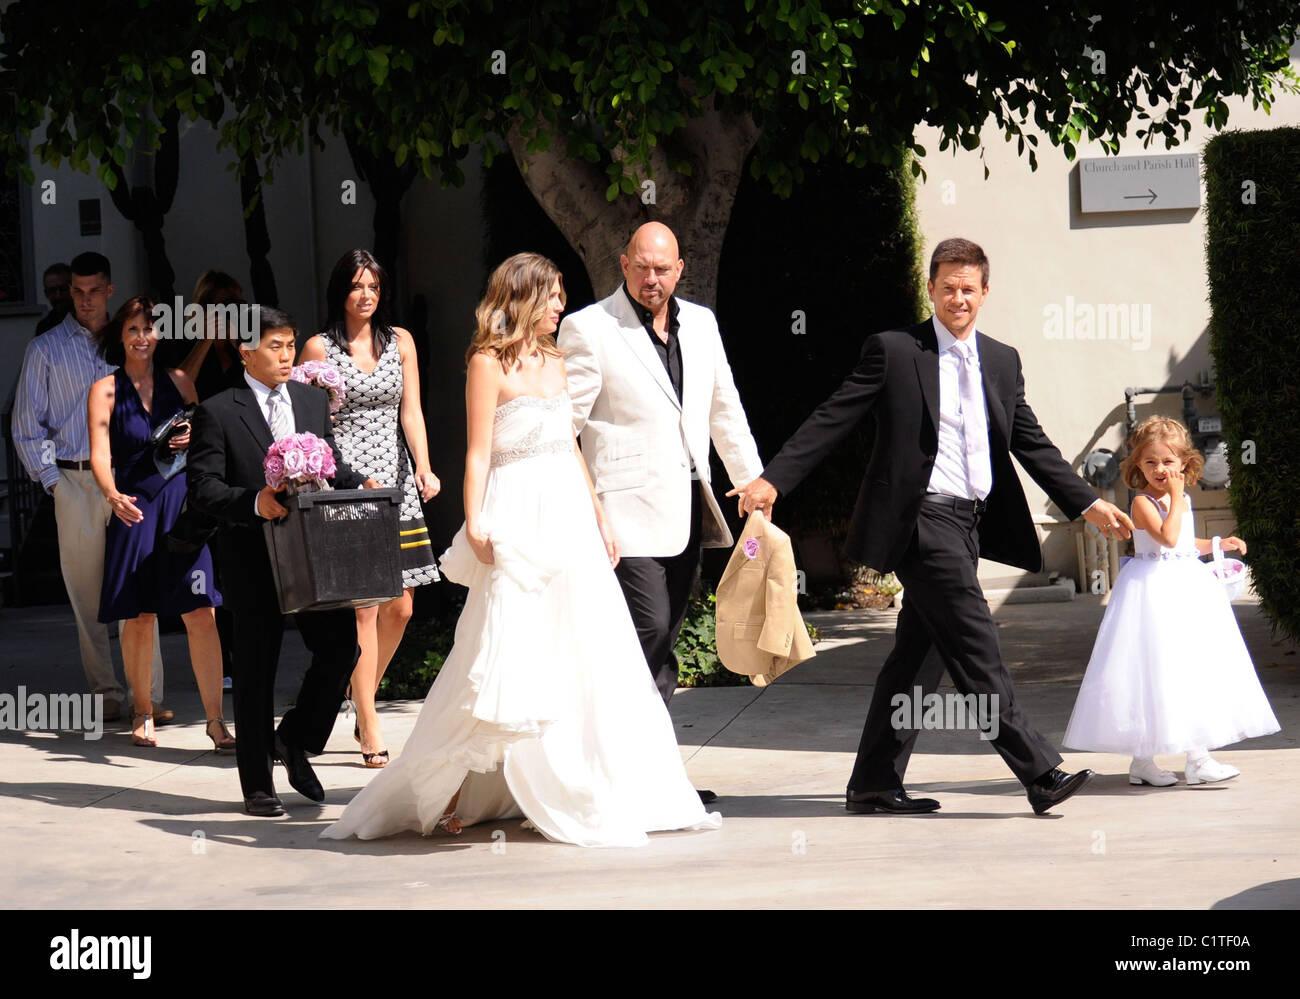 Mark wahlberg married